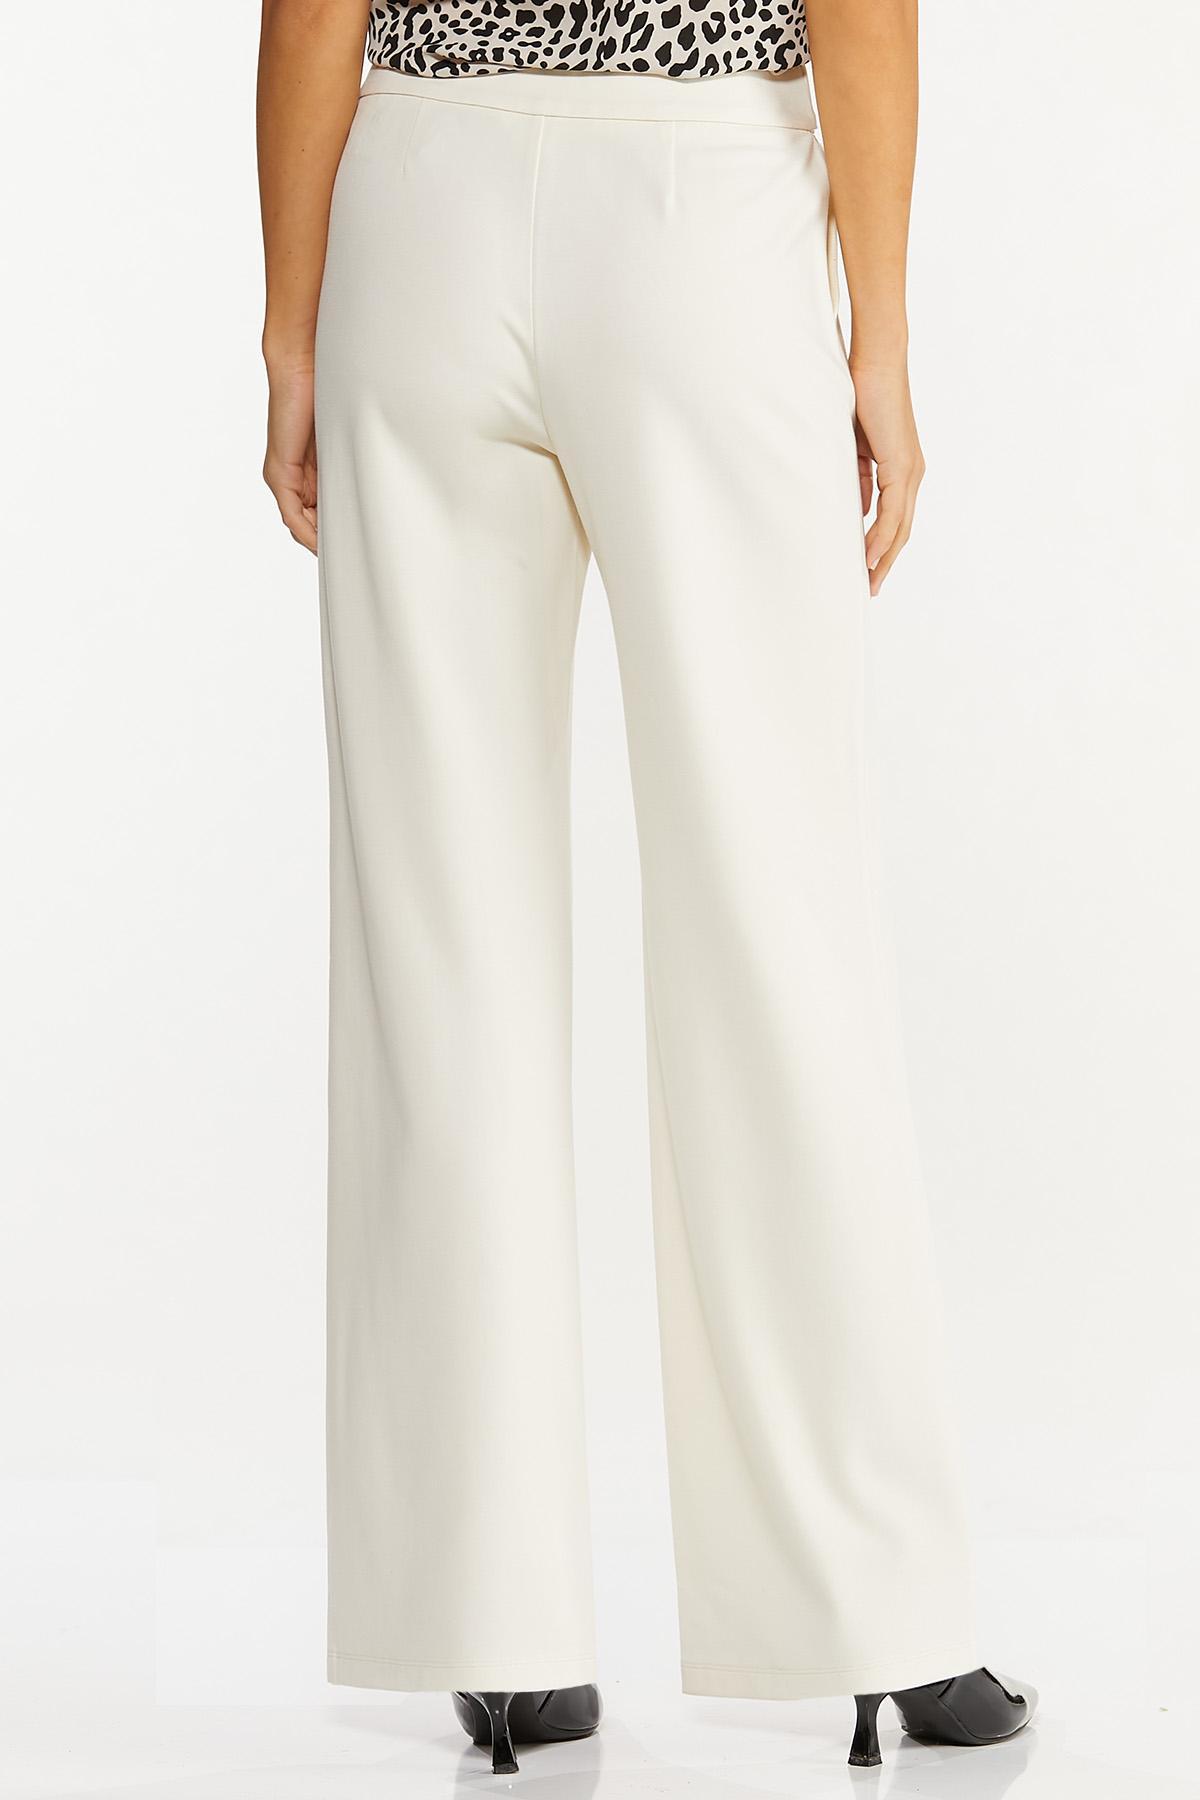 Petite Tie Waist Ponte Pants (Item #44684411)